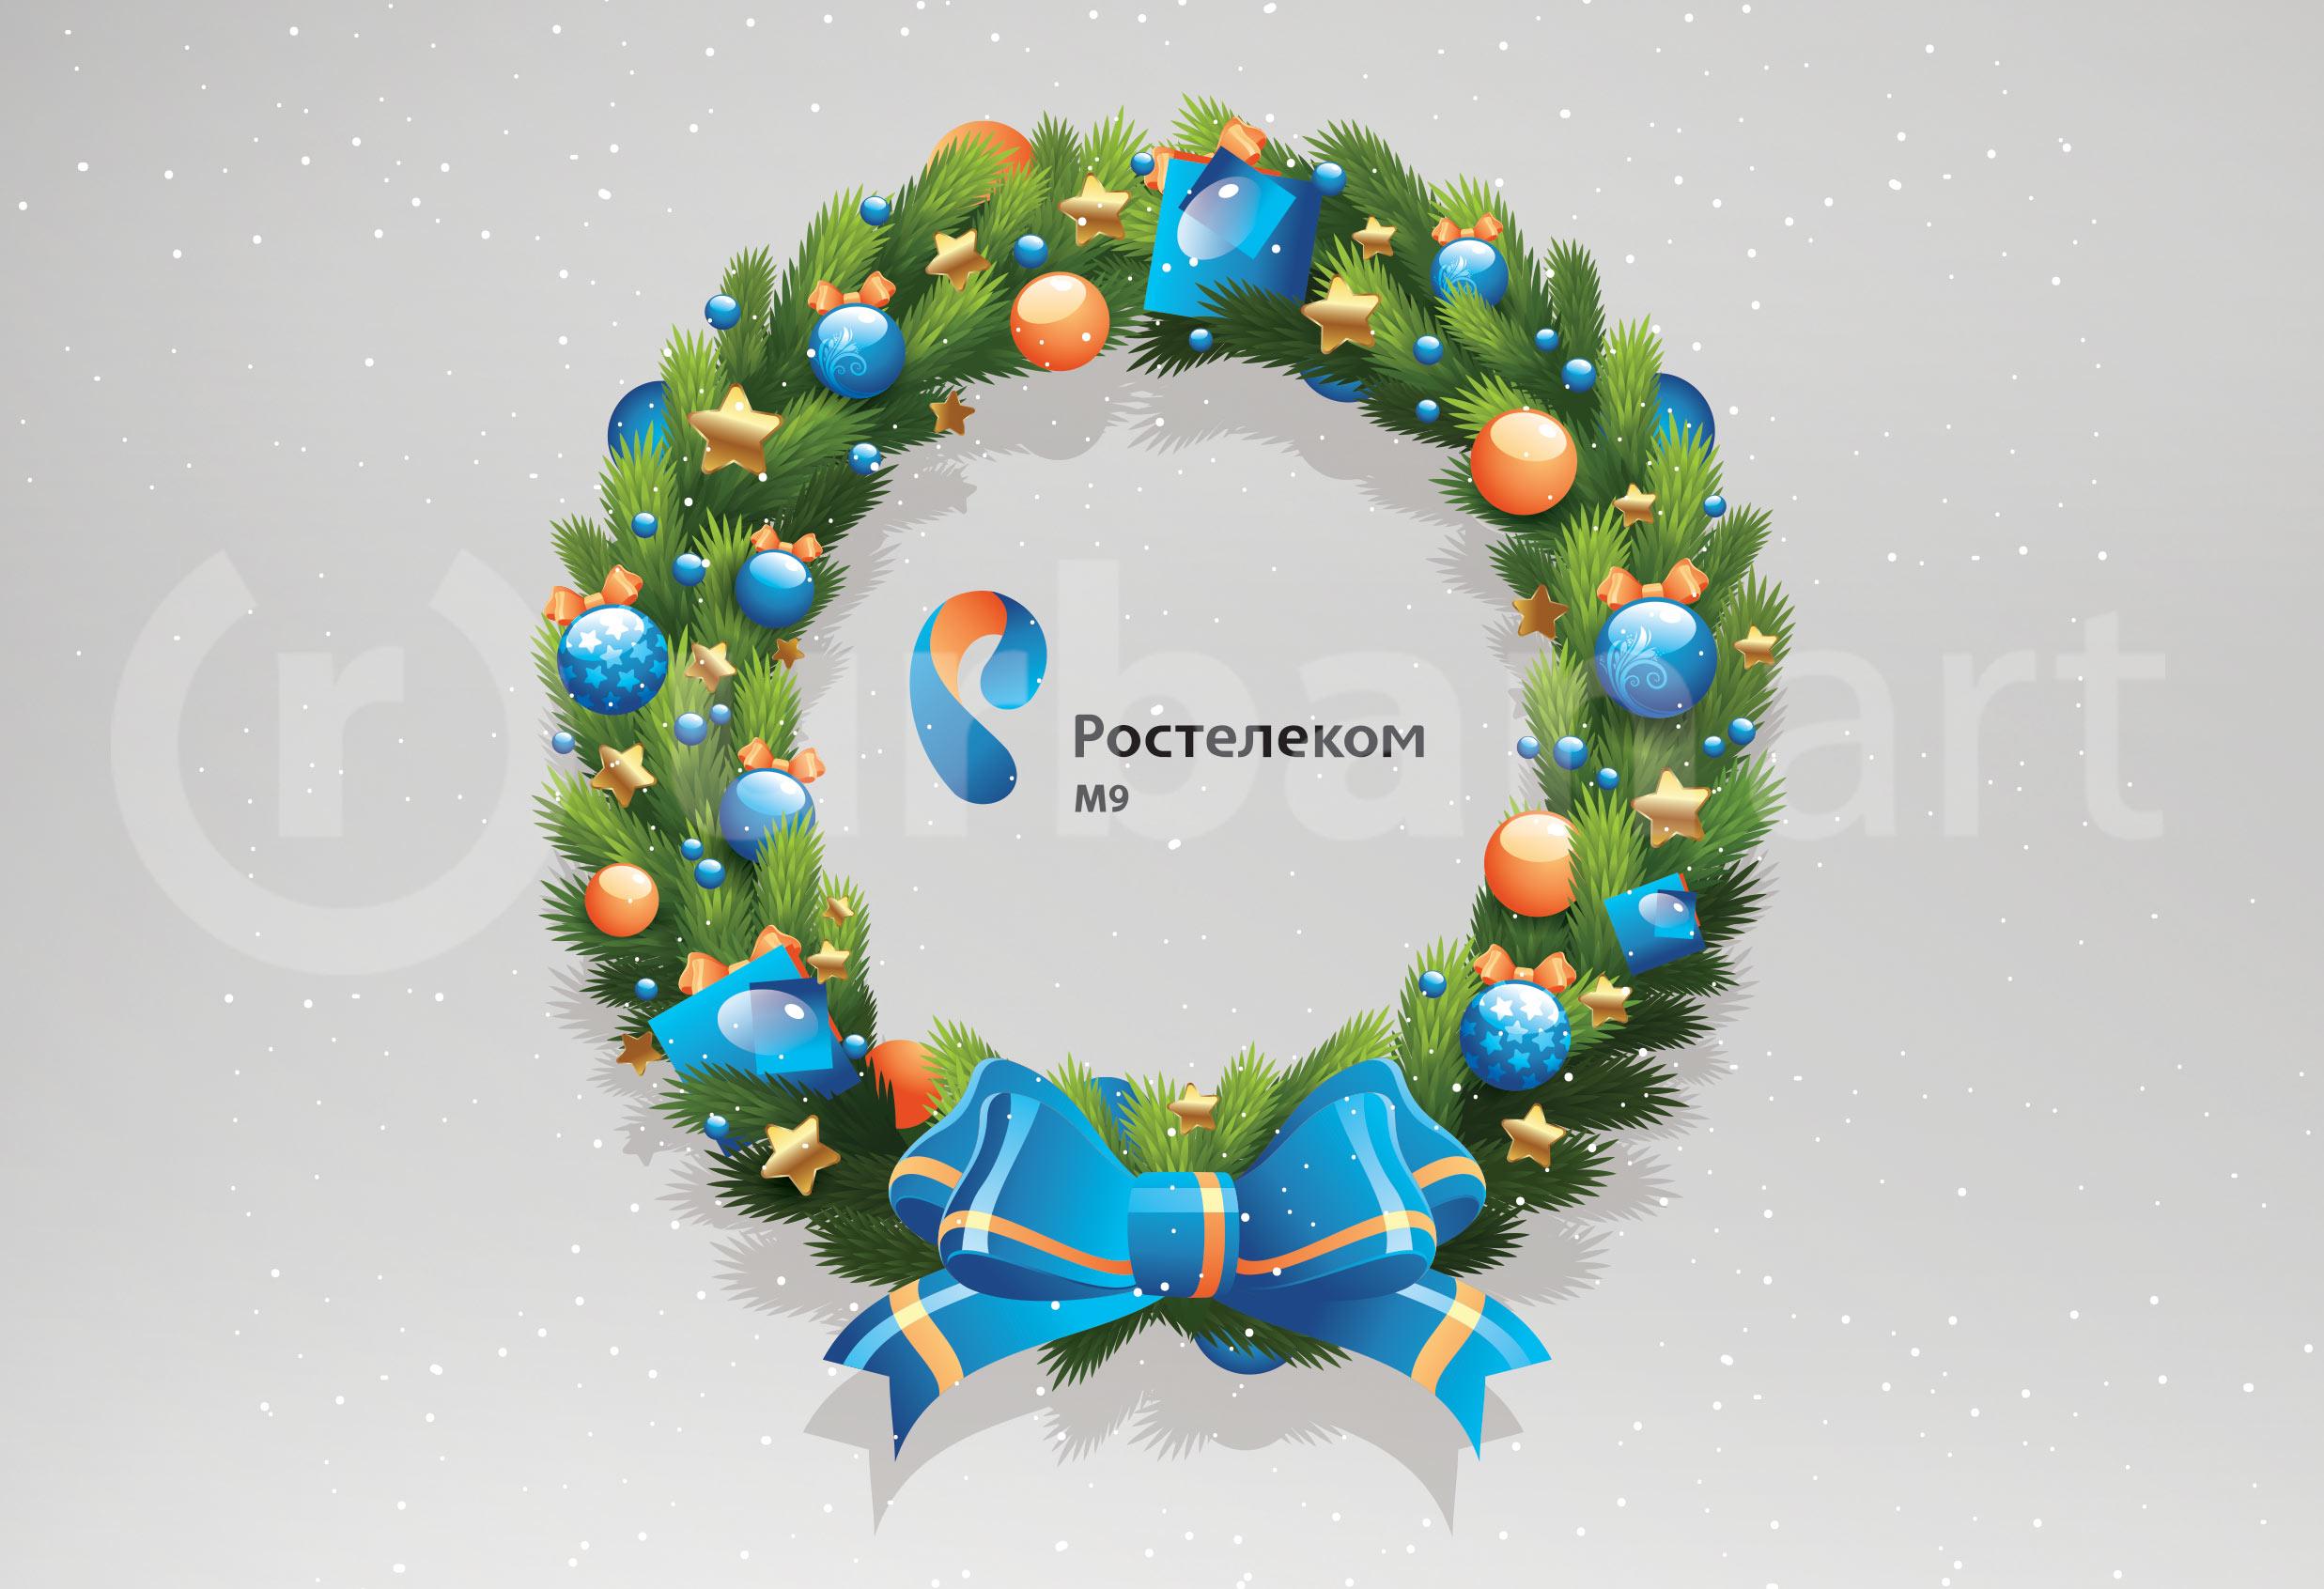 Дизайн и изготовление концепции новогодних подарков для Ростелеком м9